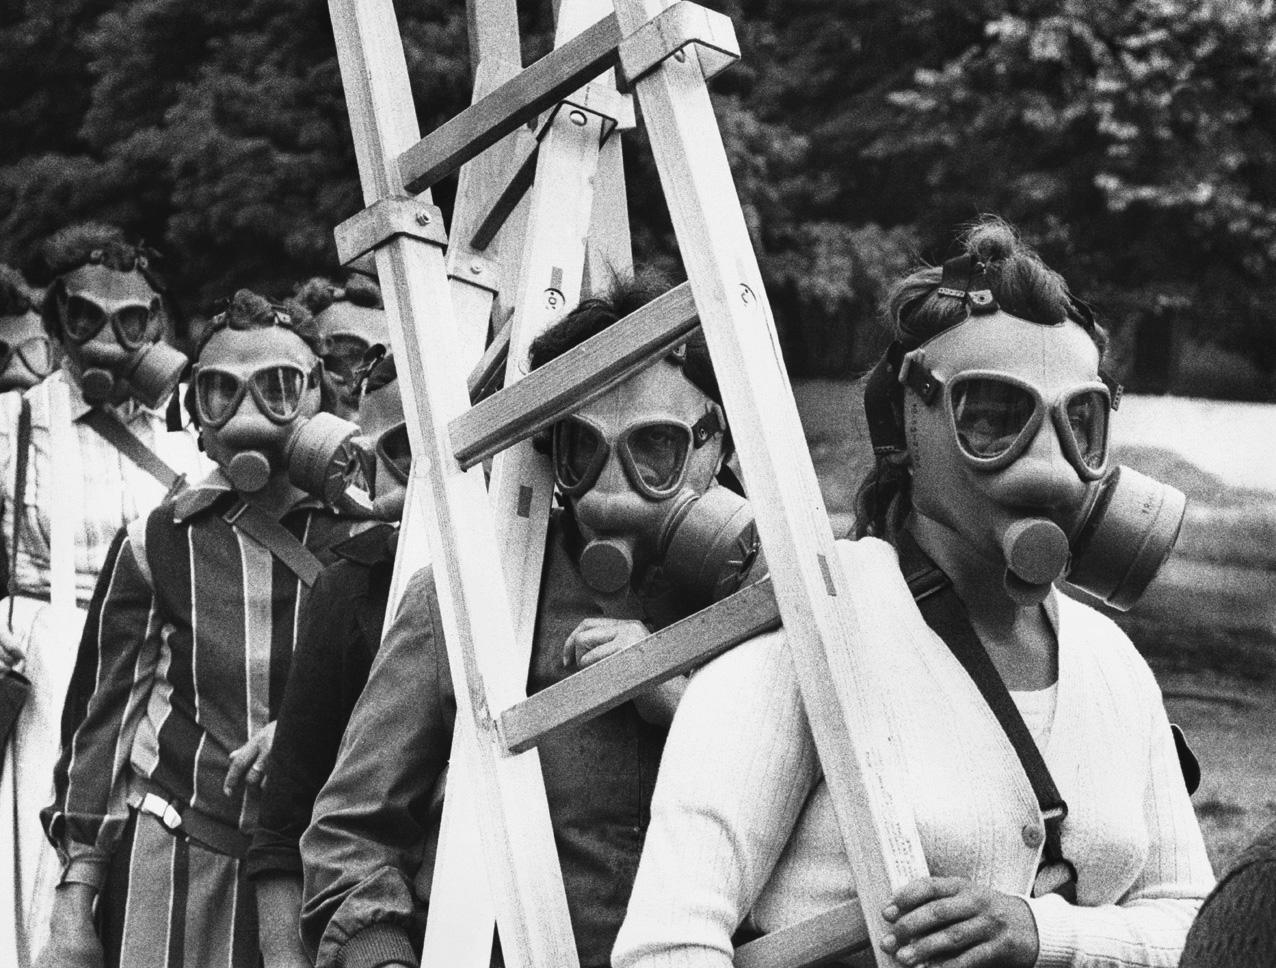 Fotó: Lazukics Anna: Készenlétben, Újvidék, Vajdaság, Bácska, 1987